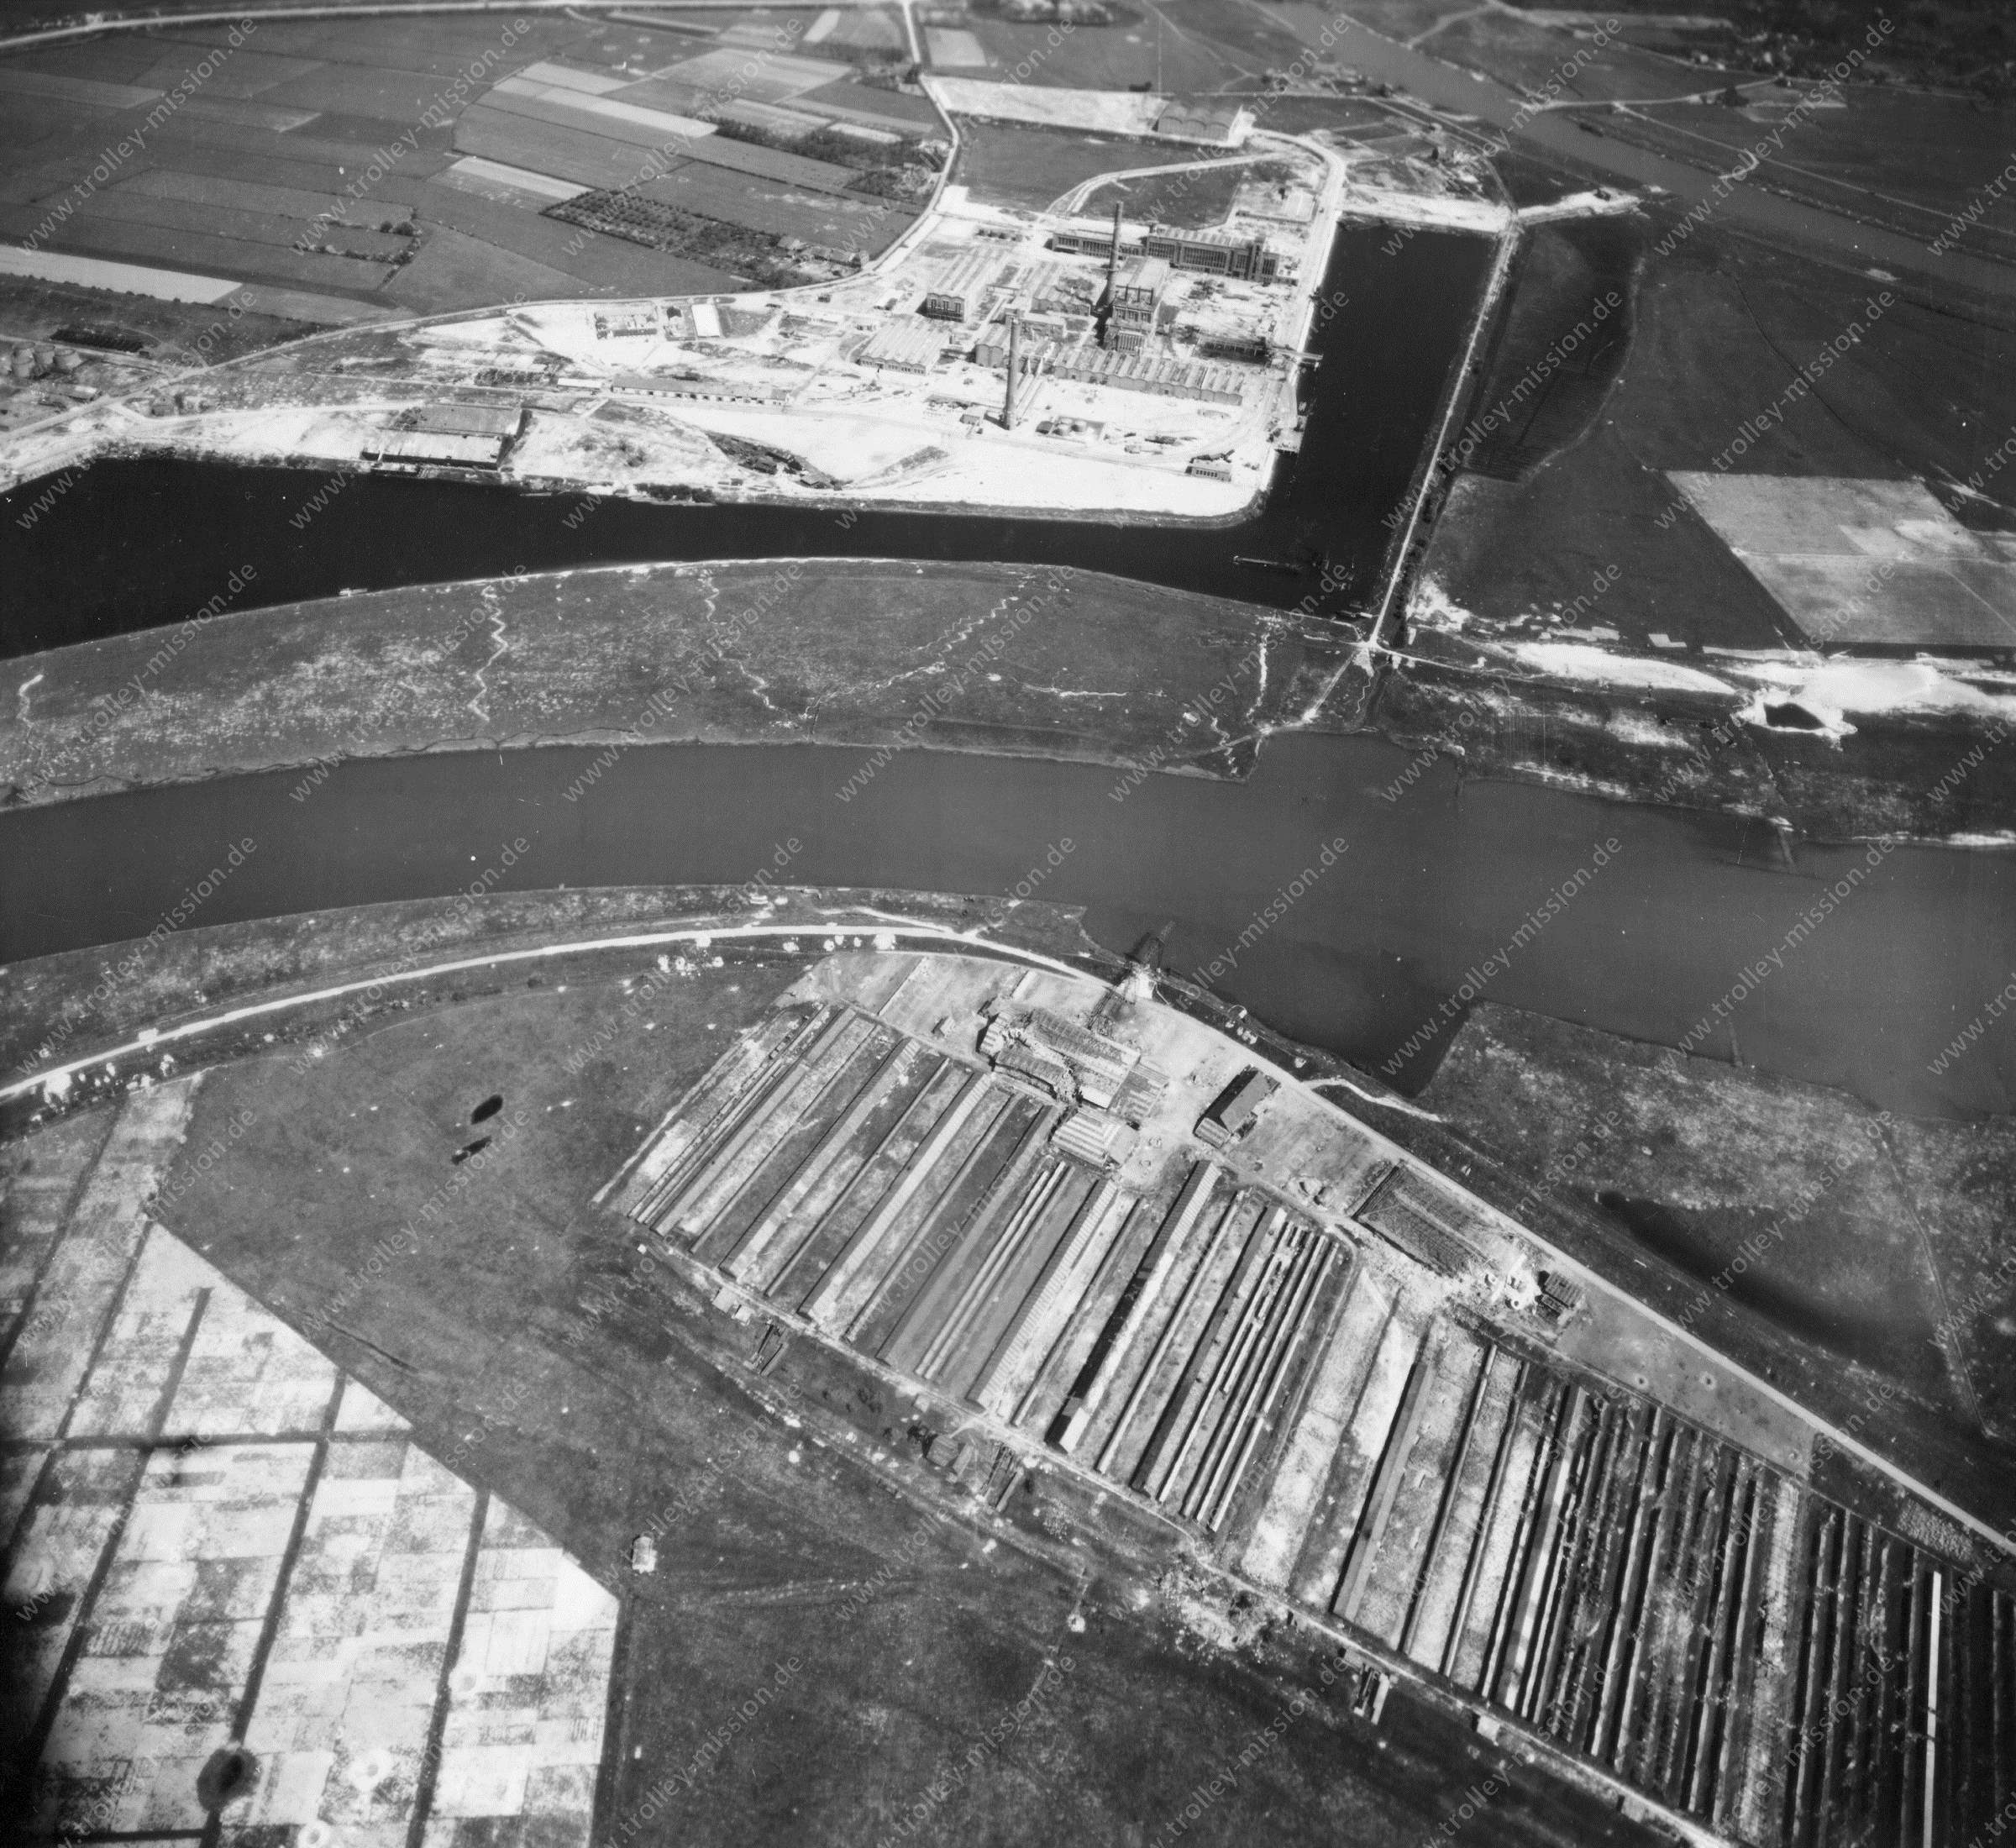 Nieuwe Haven Arnheim - Luftbild Mai 1945 - Luftbildserie 1/5 der US Air Force (Niederlande)